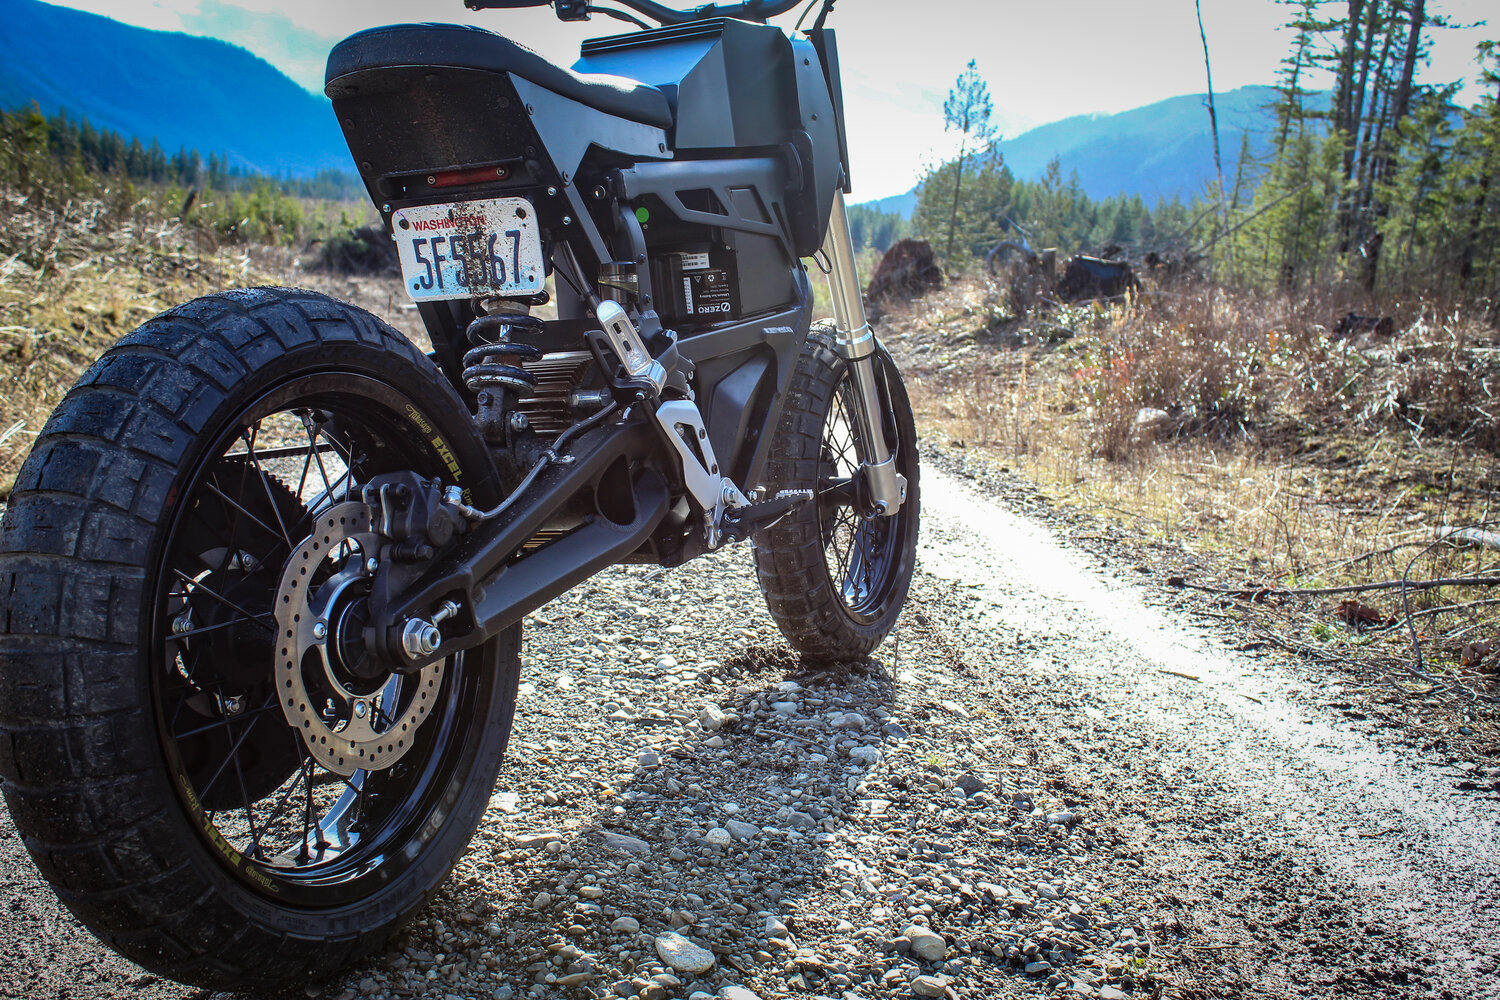 Droog Moto DM-016 E-Fighter